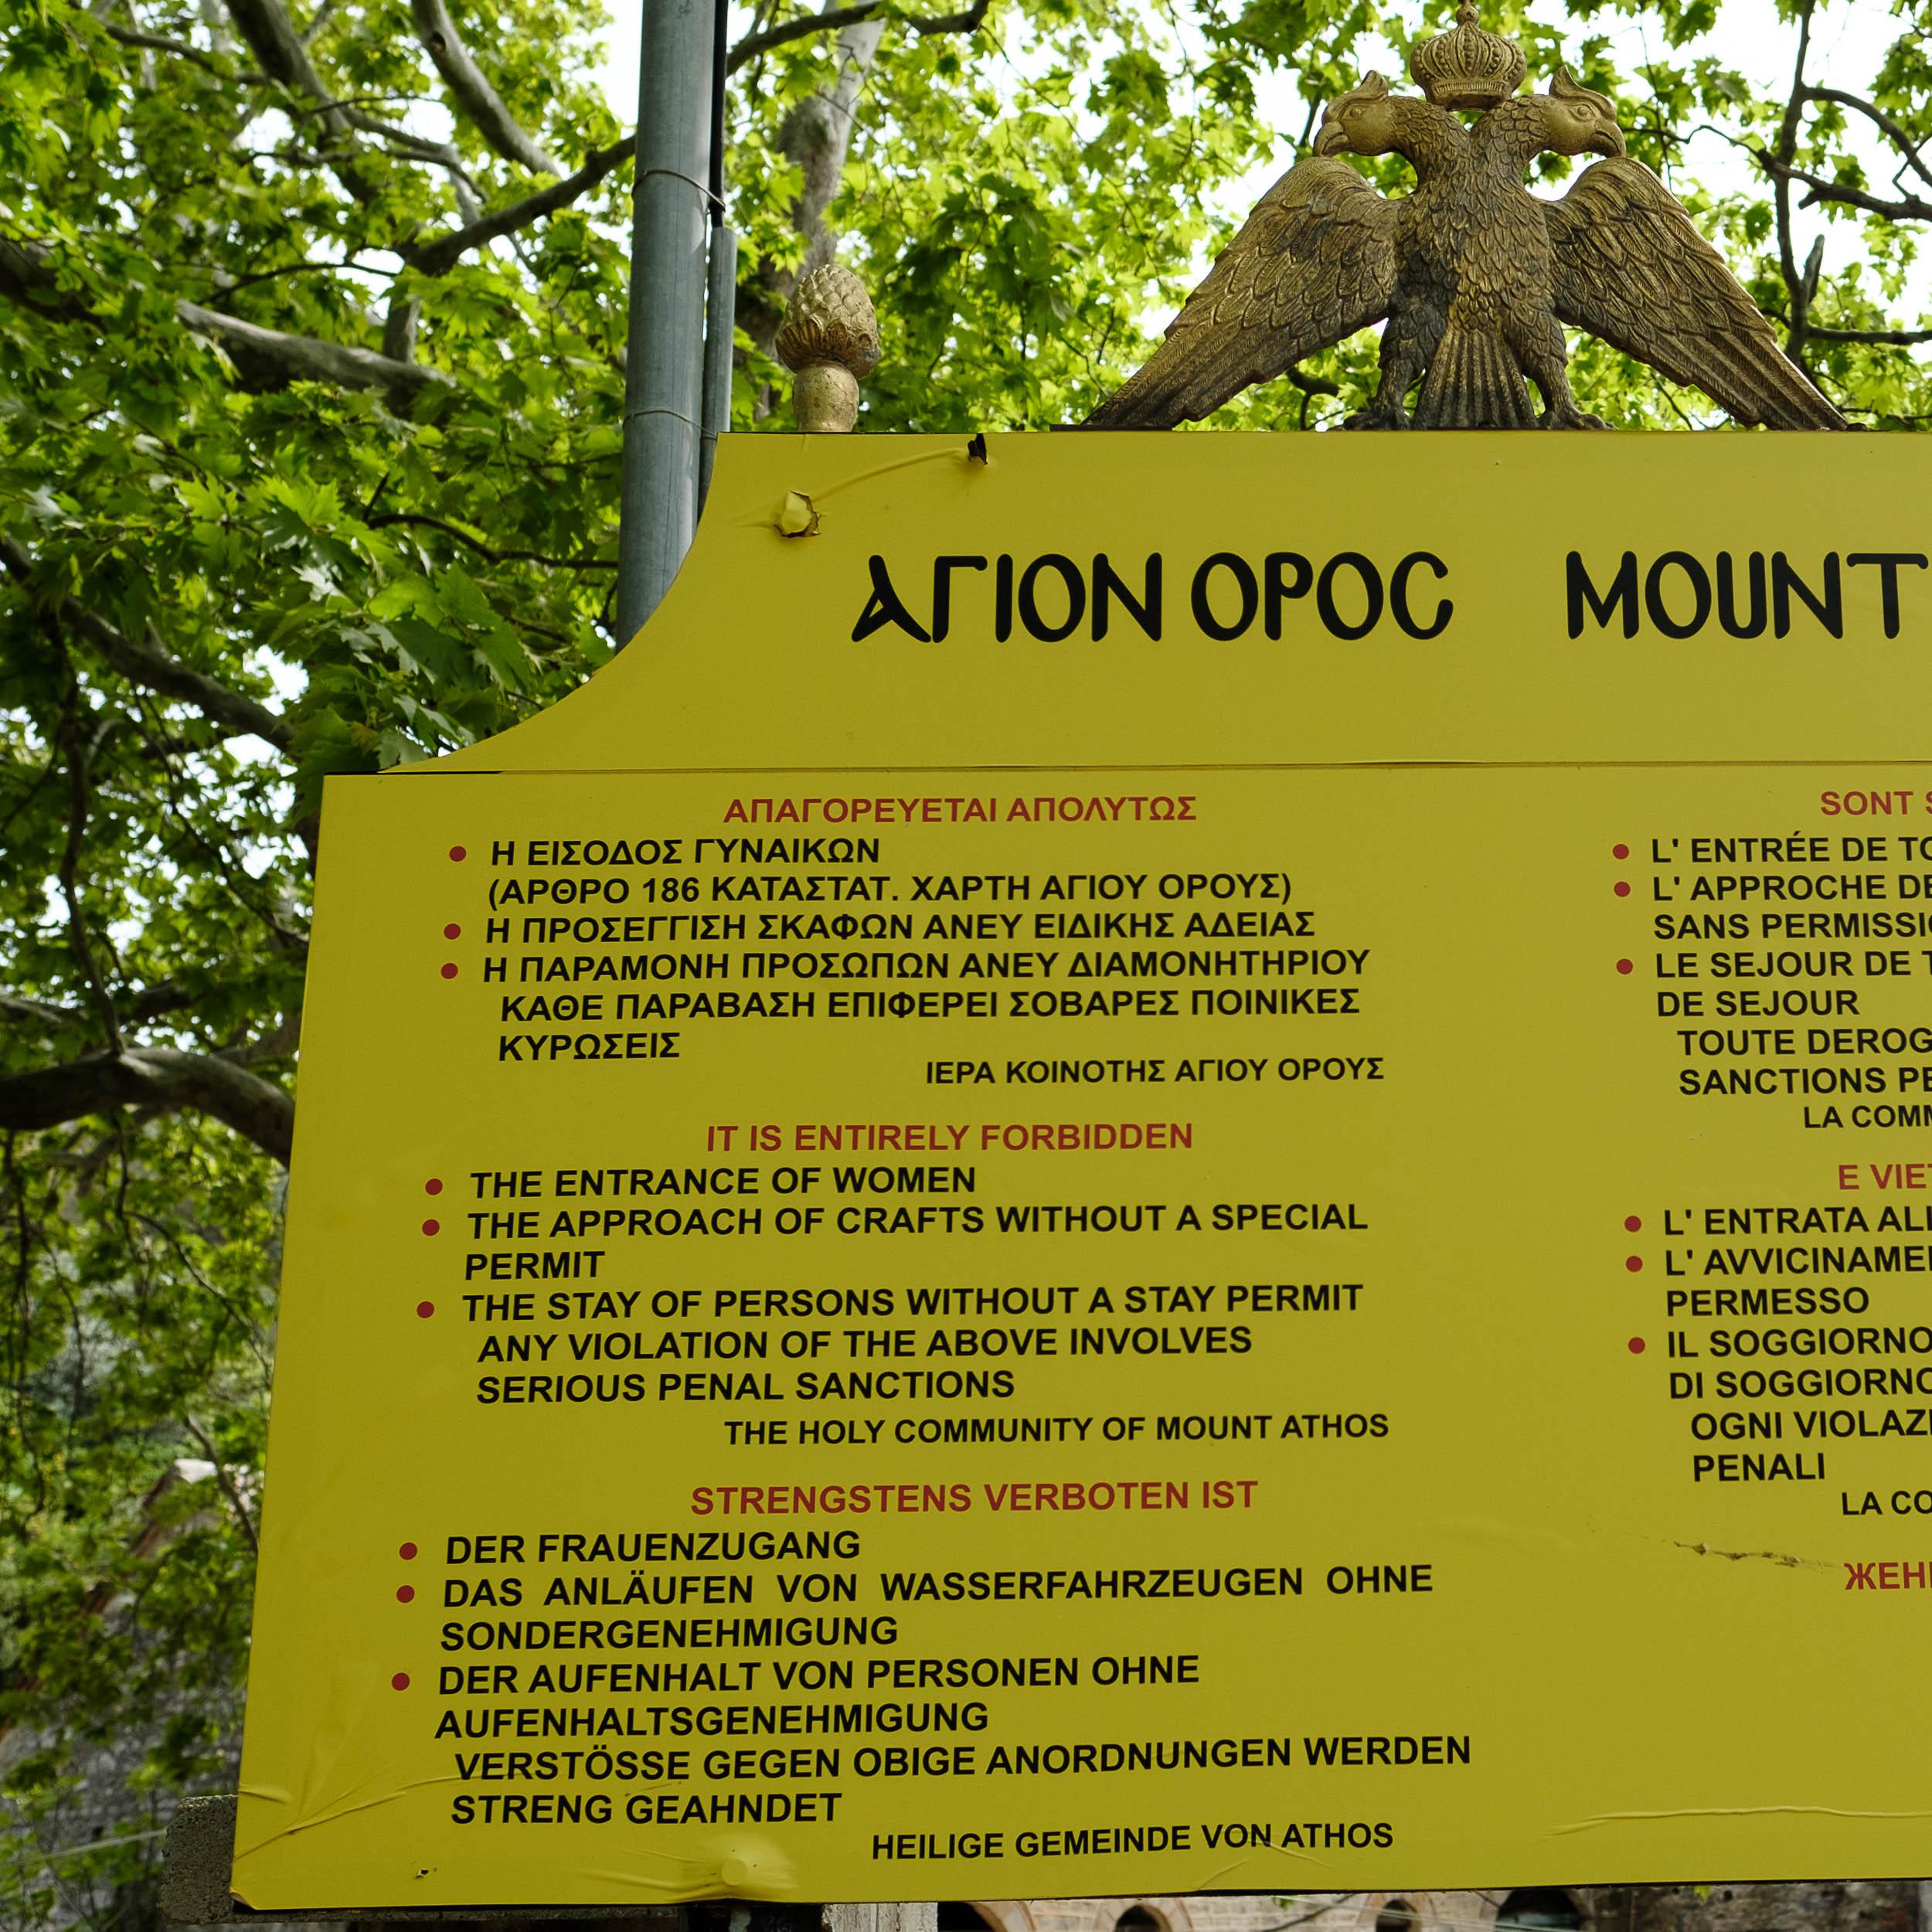 Schild Grenze Mönchsrepublik Athos, Griechenland, Ägäis